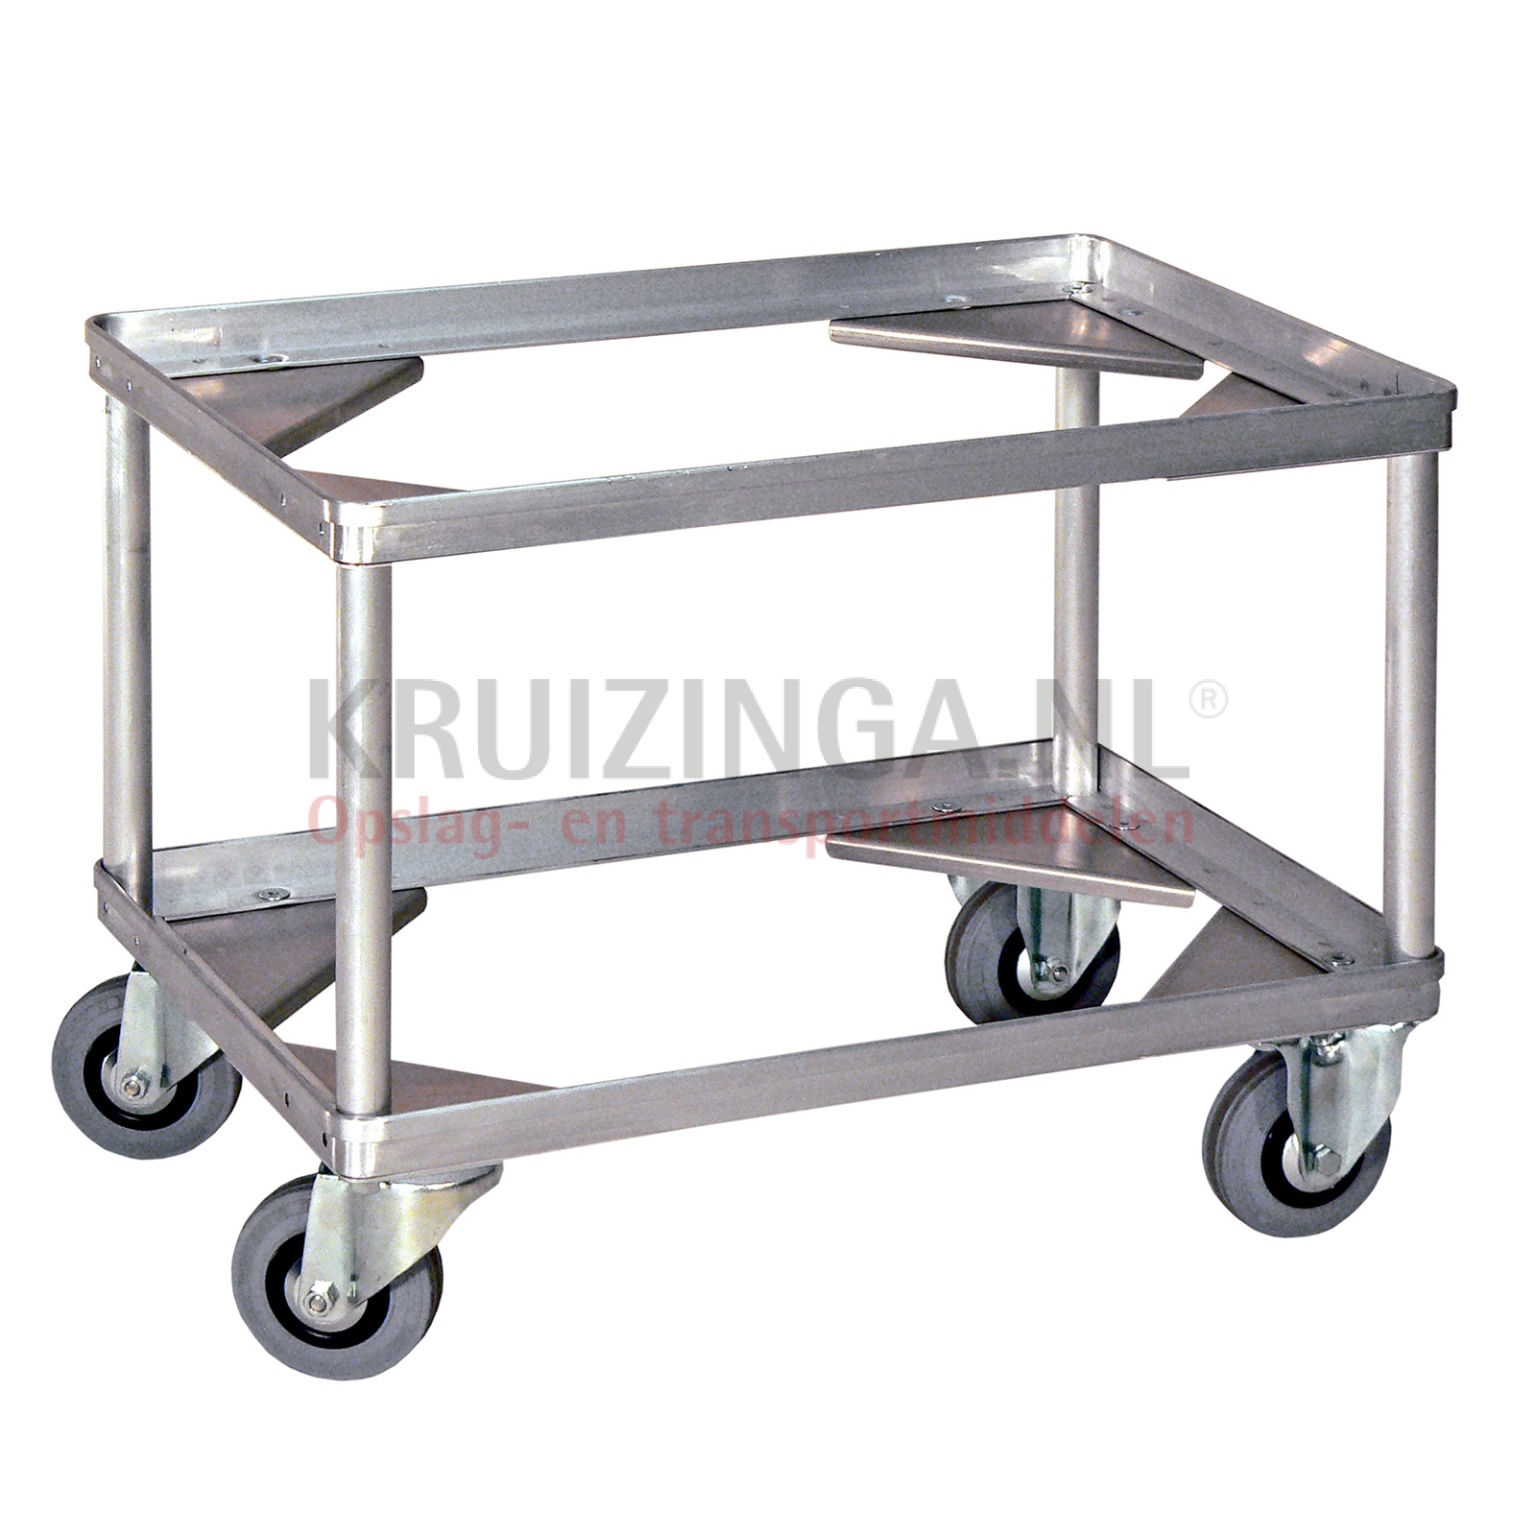 chariot ch ssis plateau roulant cadres roulants haut 142 frais de livraison inclus. Black Bedroom Furniture Sets. Home Design Ideas